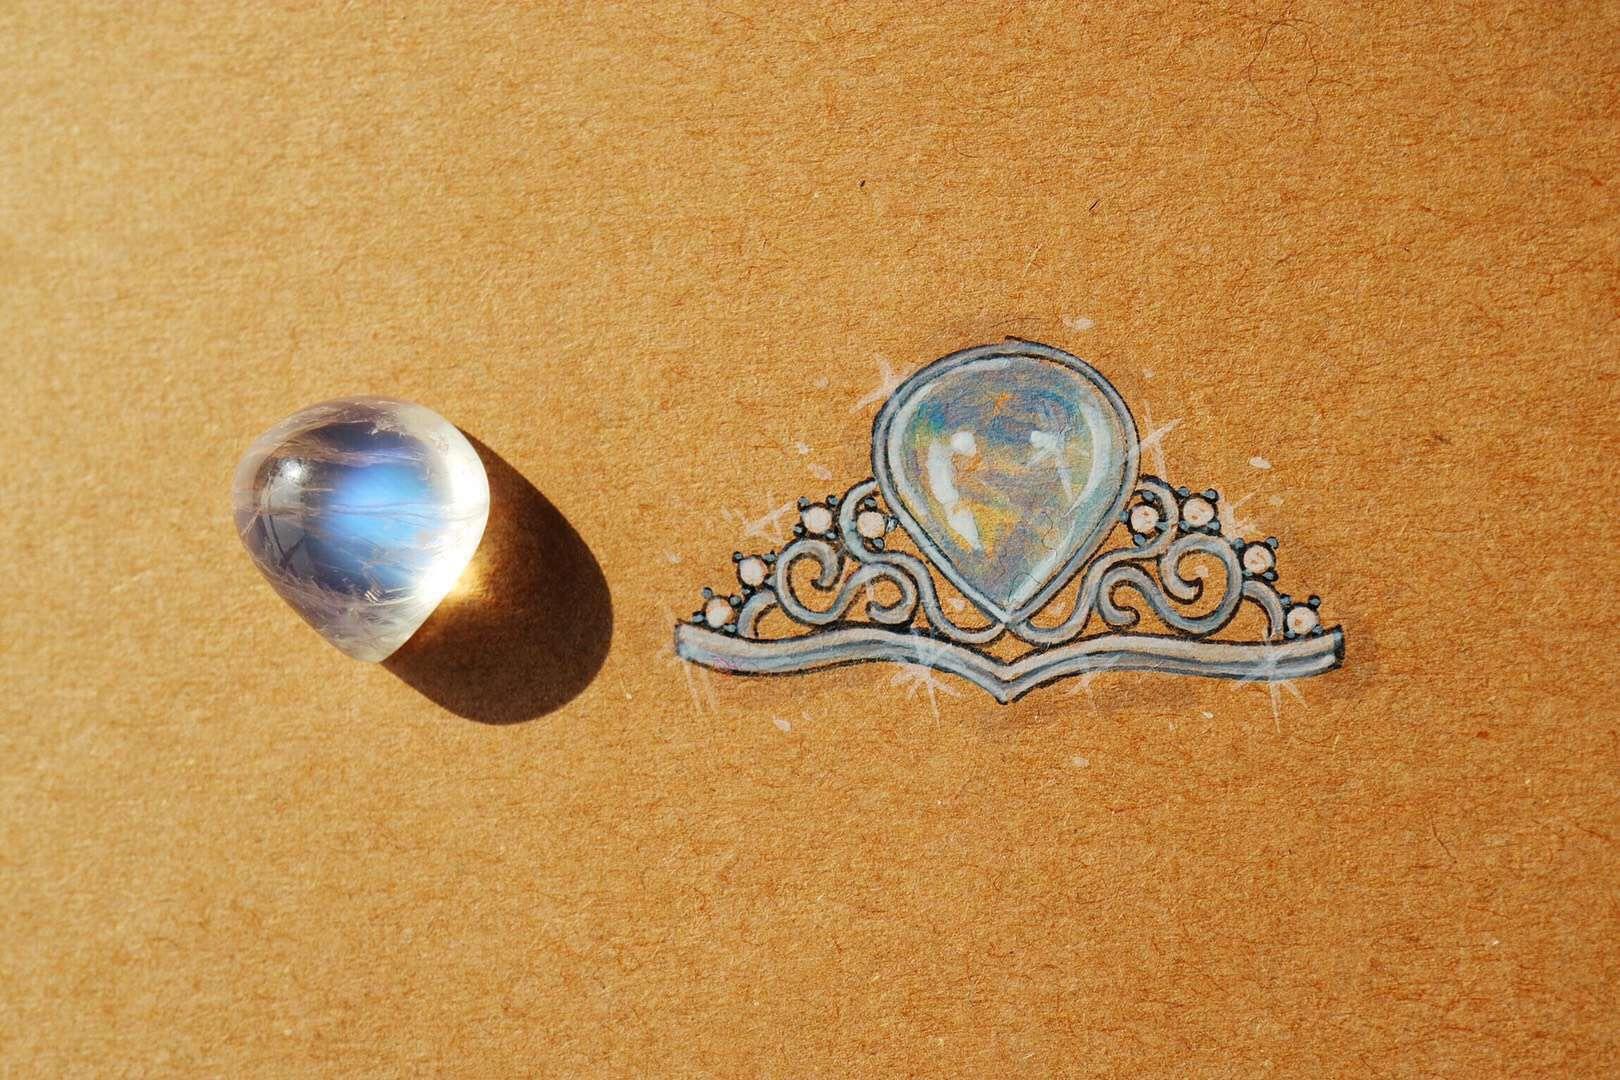 【菩心-月光石】月光石对于伤疤的疗愈,也是杠杠的-菩心晶舍